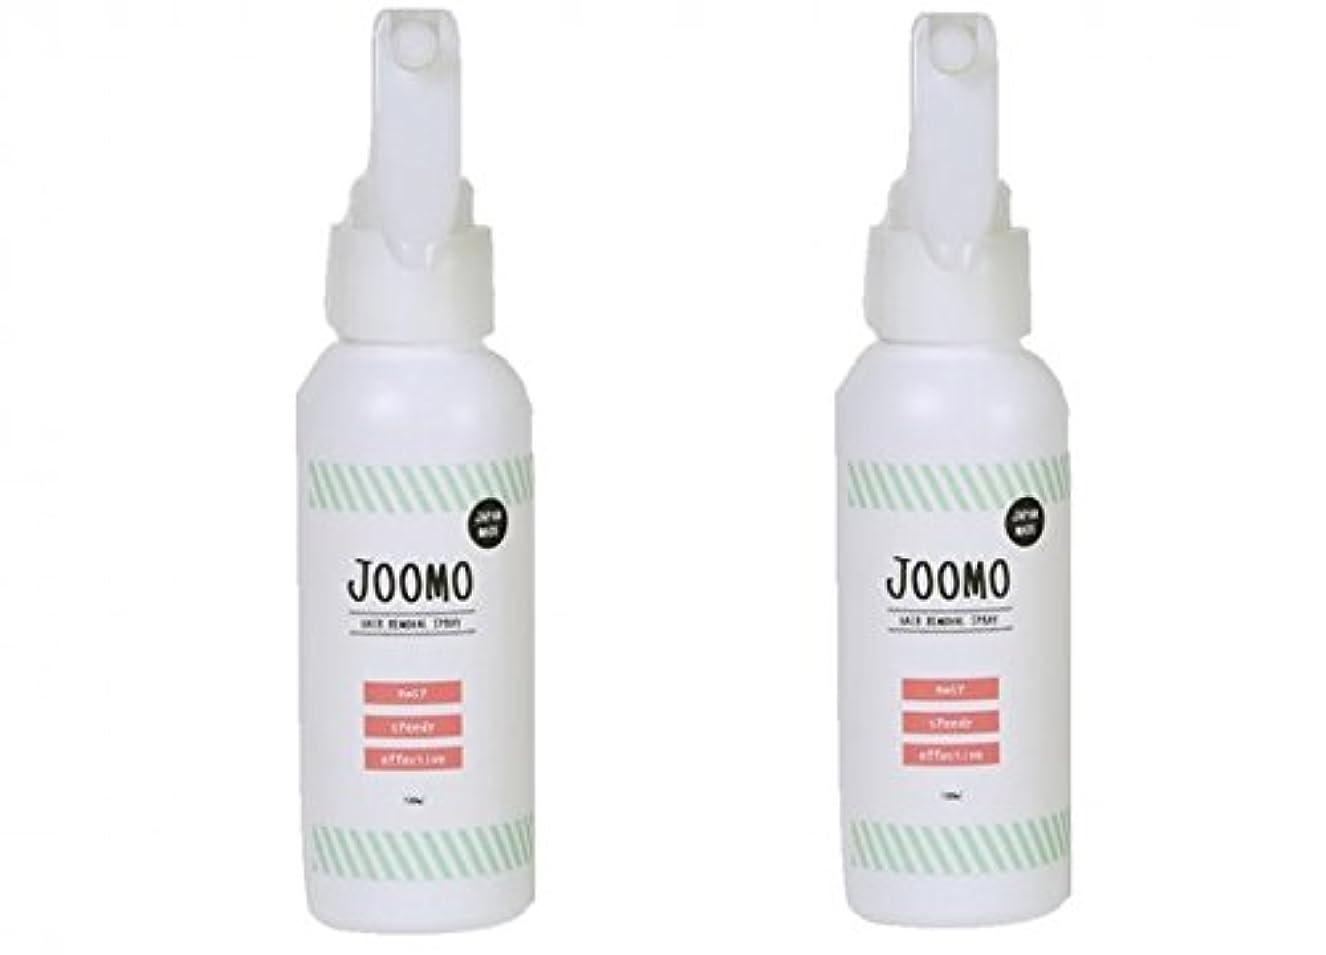 リスキーな証明書厚いさずかりファミリー JOOMO(ジョーモ) 除毛スプレー 【公式】医薬部外品 100ml ×2